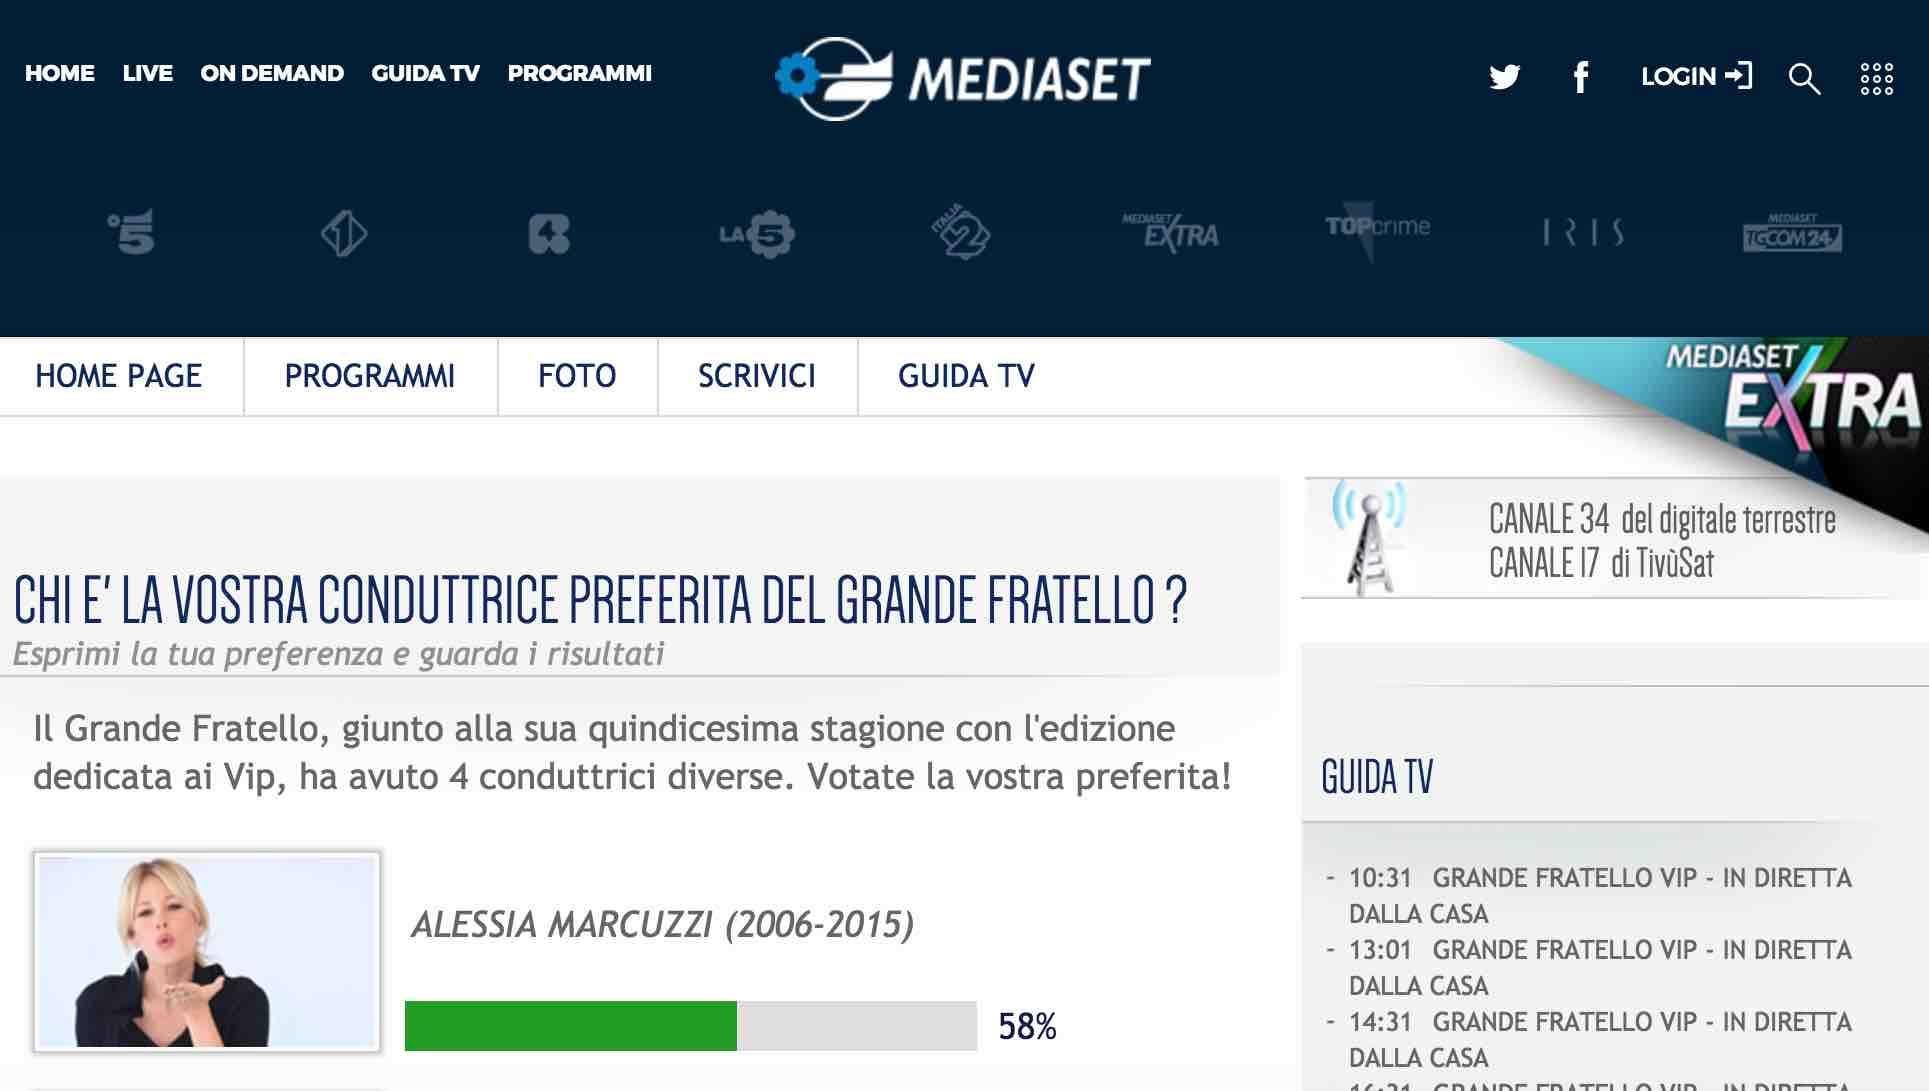 Mediaset - sondaggio conduttrice preferita GF